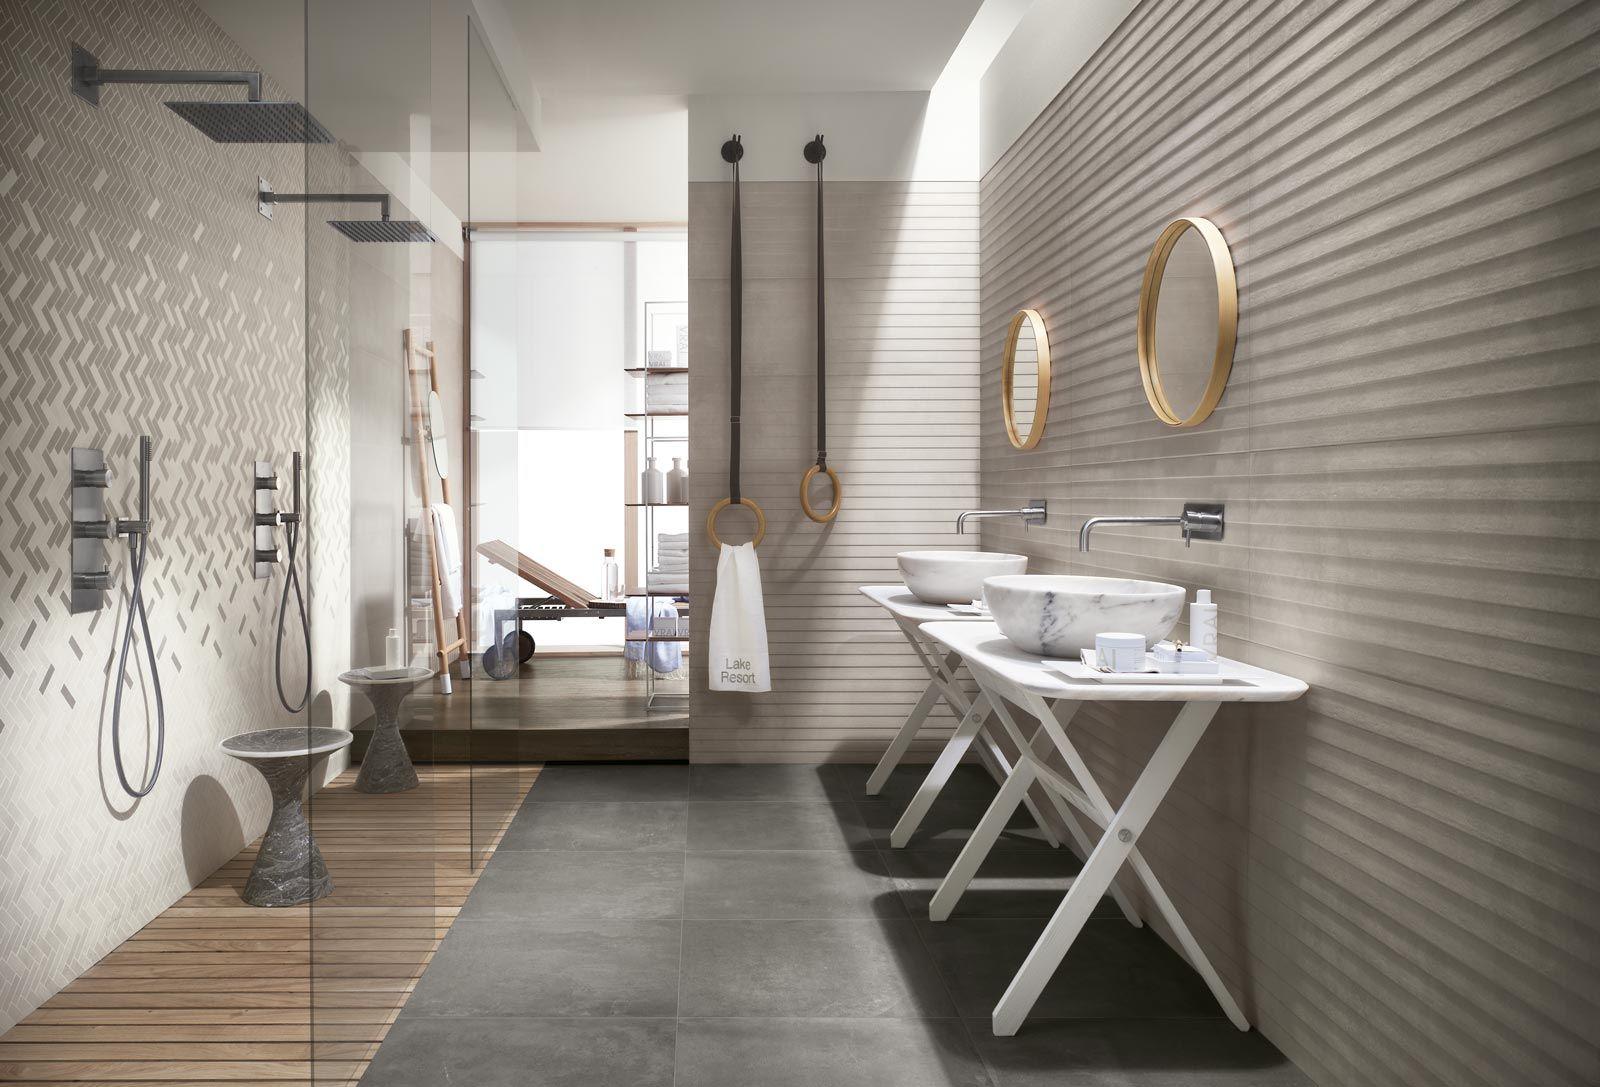 Ragno: Piastrelle Bagno_7743 | Bagno casa | Pinterest | Piastrelle ...